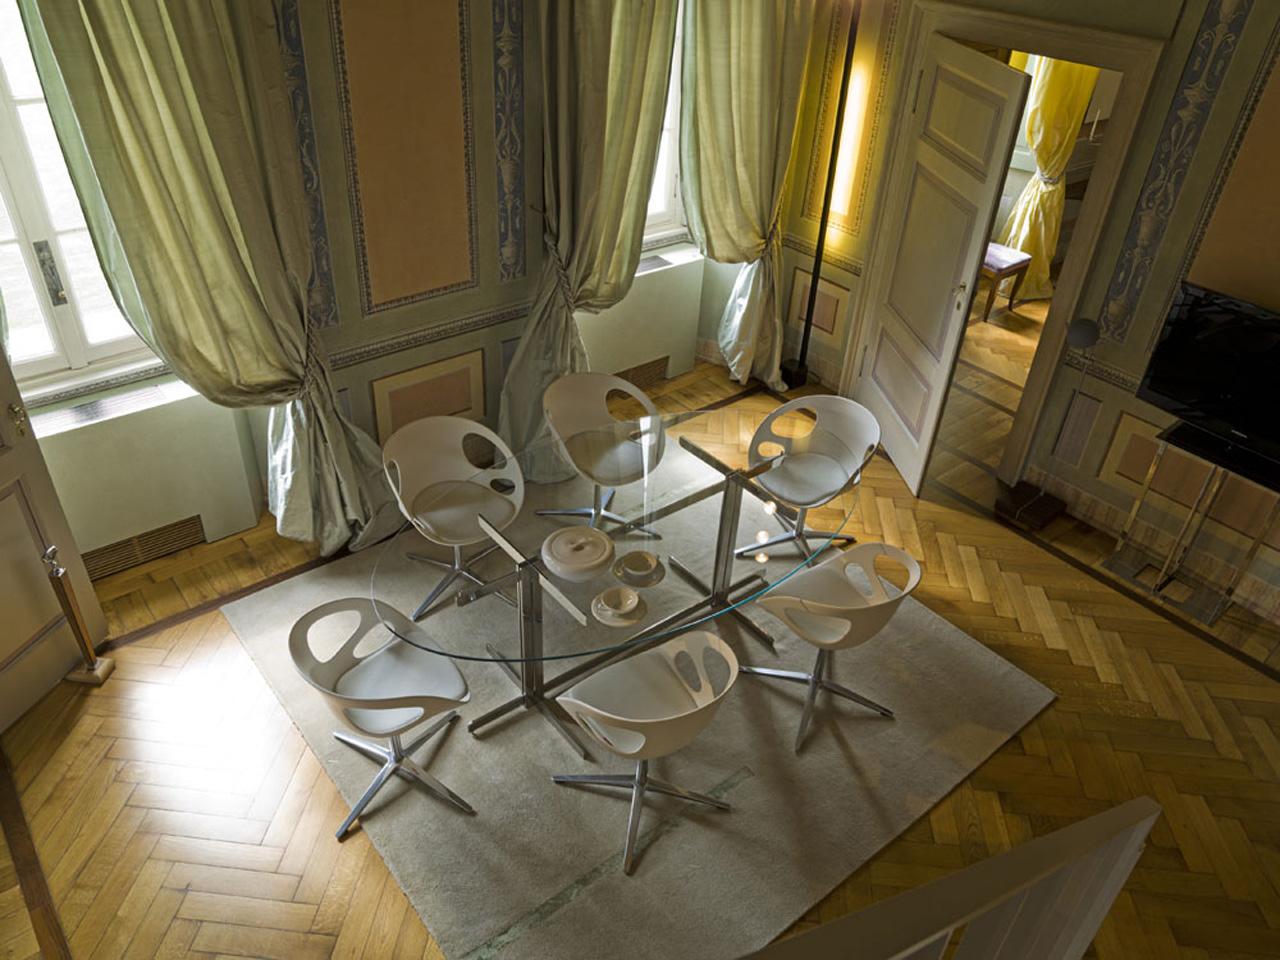 sala da pranzo tavolo in acciaio e cristallo - Giordano Viganò